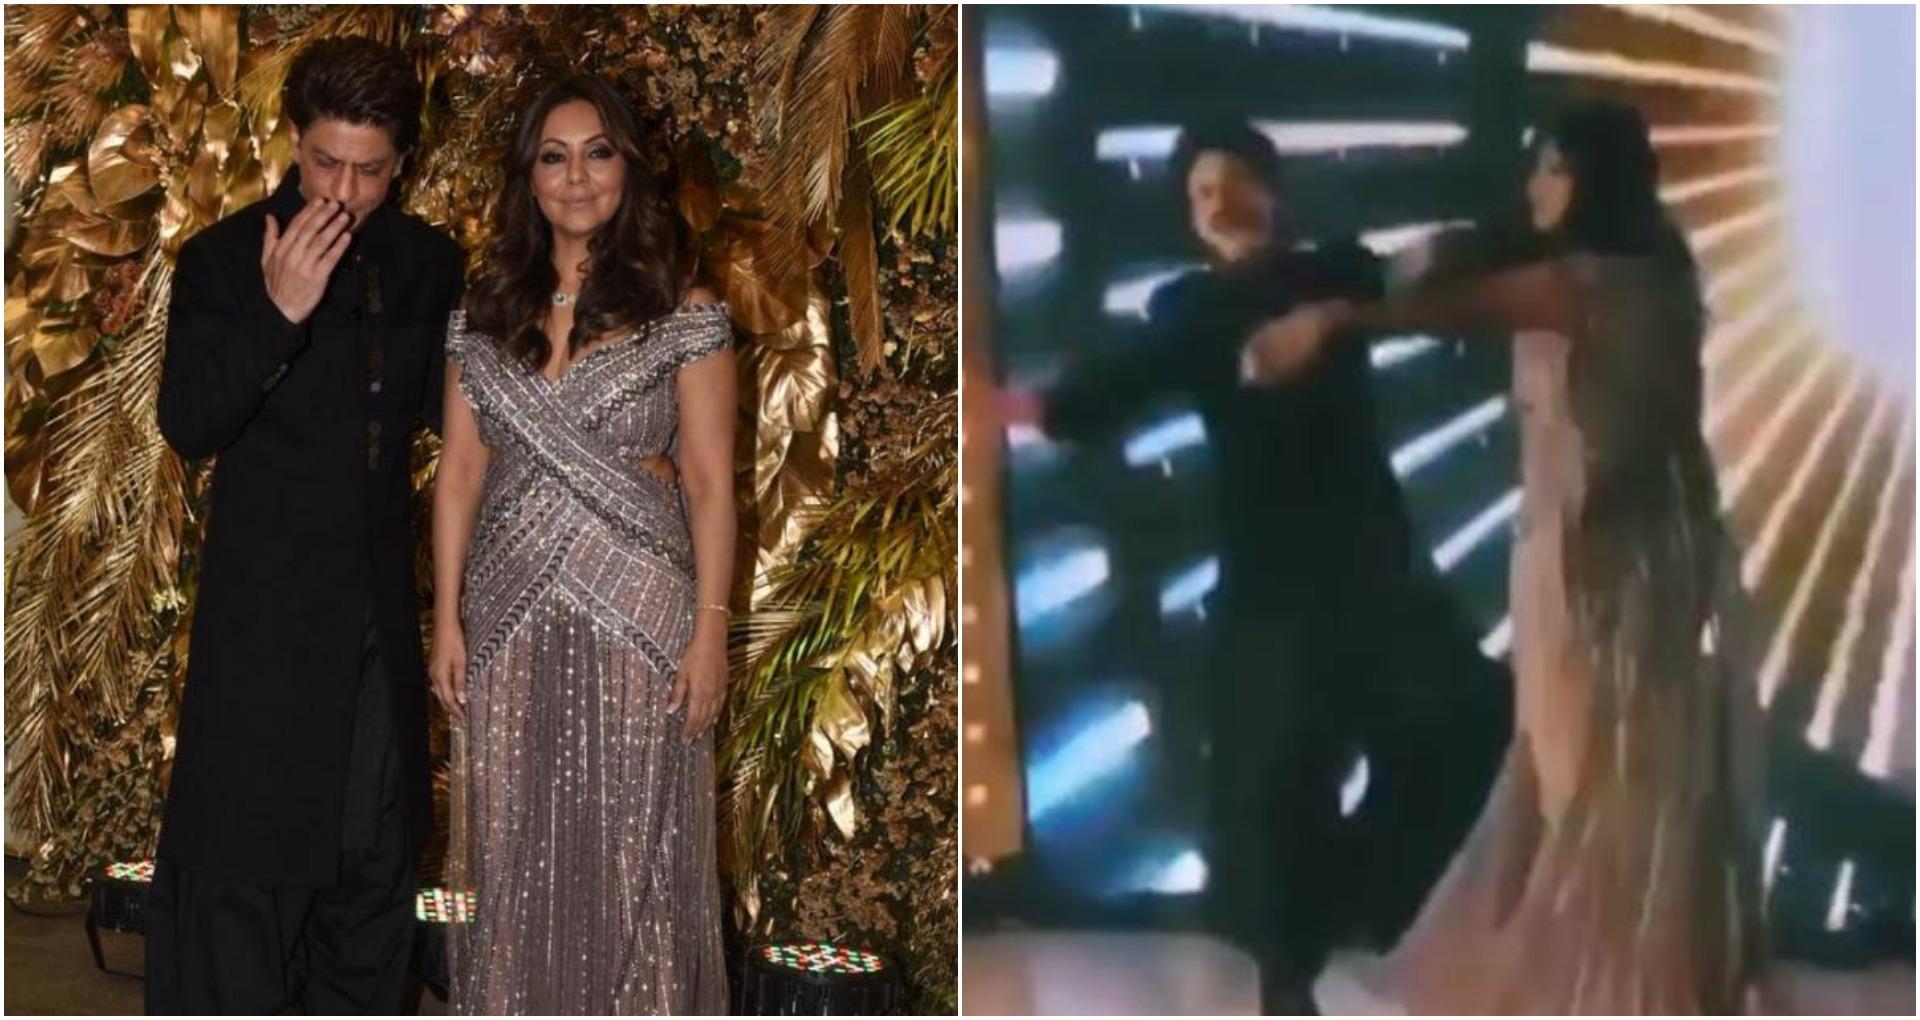 VIDEO: शाहरुख खान और गौरी खान ने 'कजरा रे' और 'साडी गली भूल के' गाने पर लगाये ठुमके, देखें वीडियो